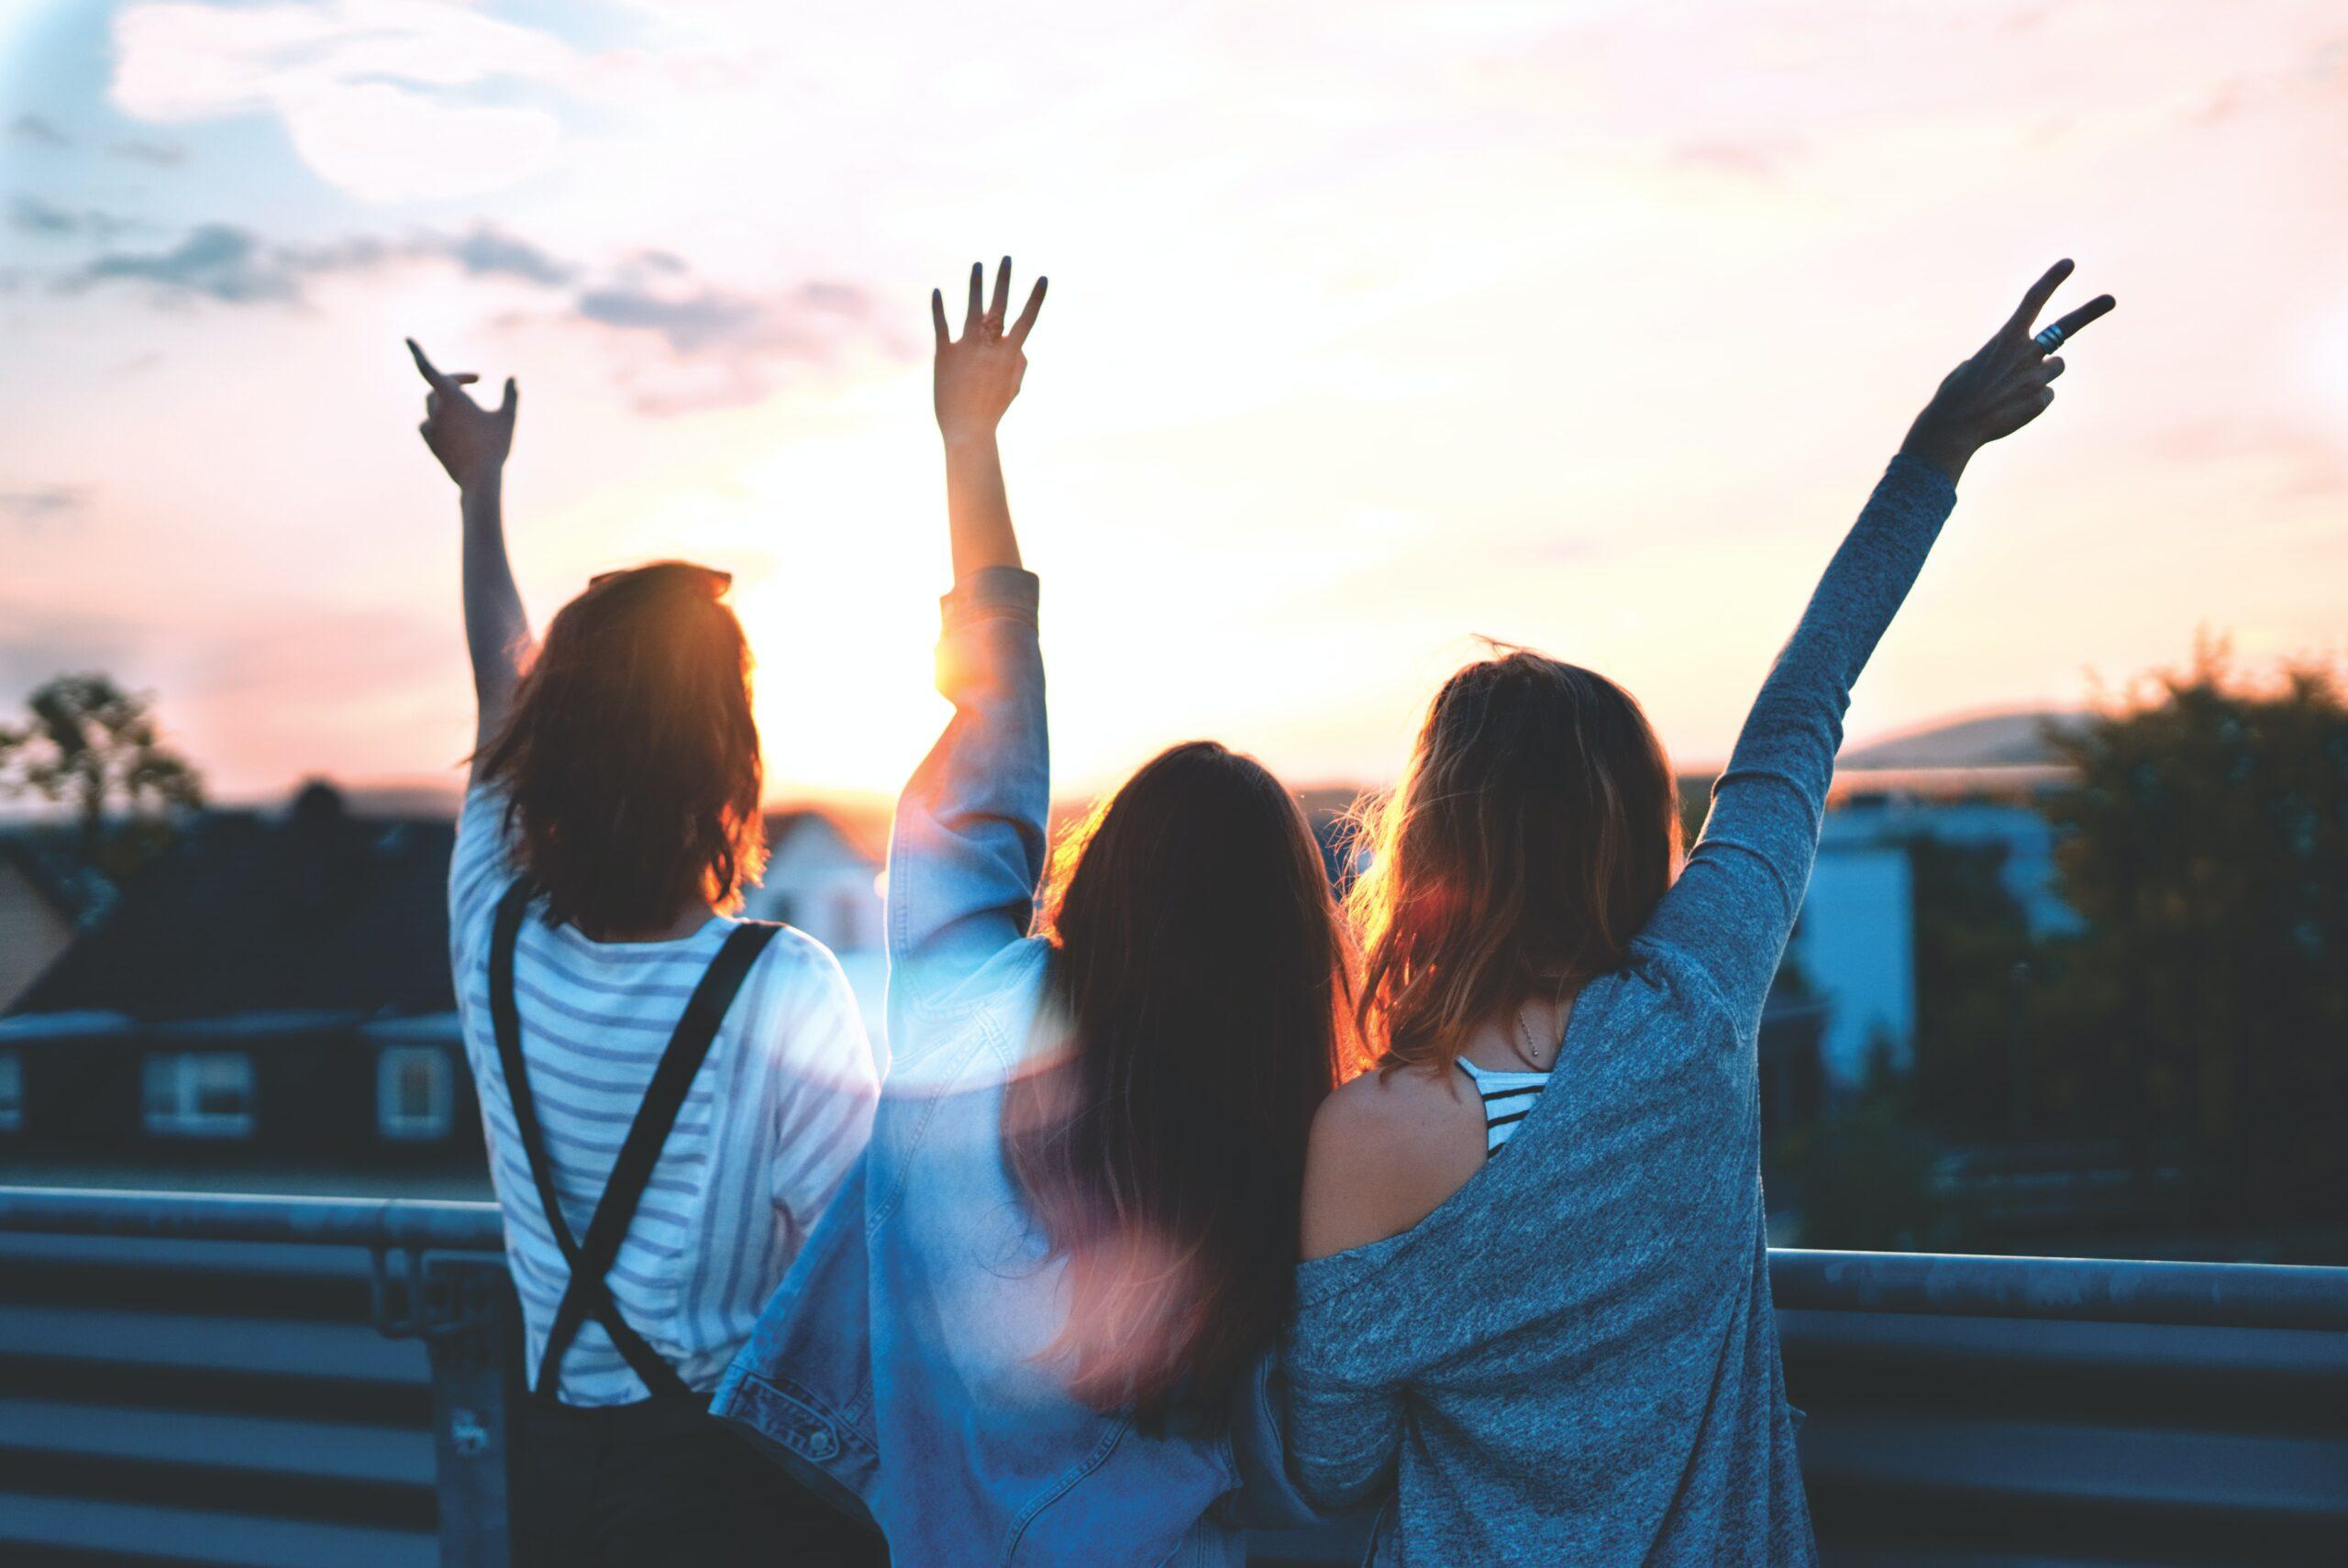 女性三人の写真